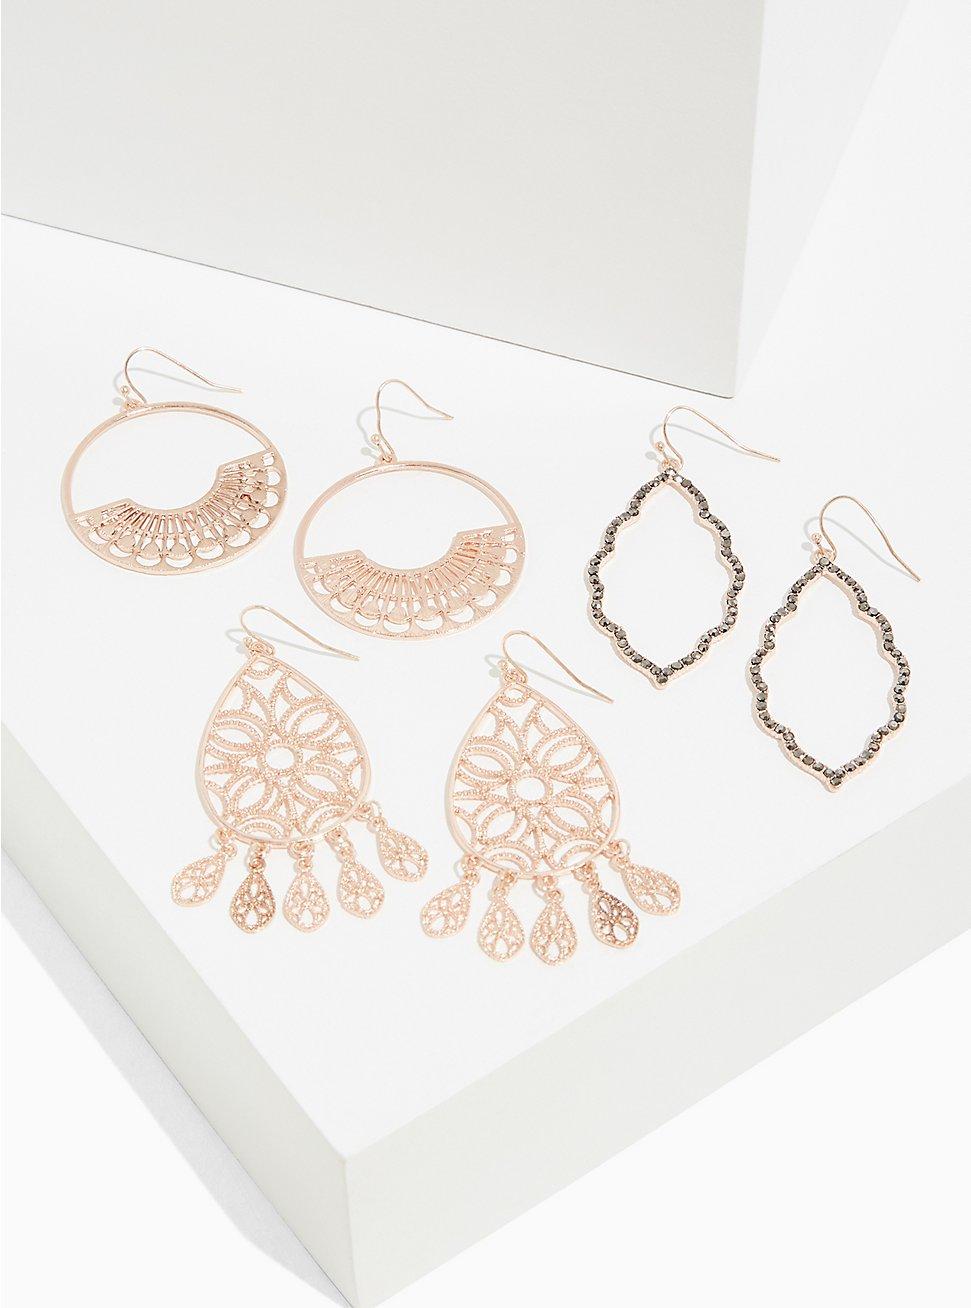 Rose-Gold Tone Filigree Earrings Set - Set of 3, , hi-res